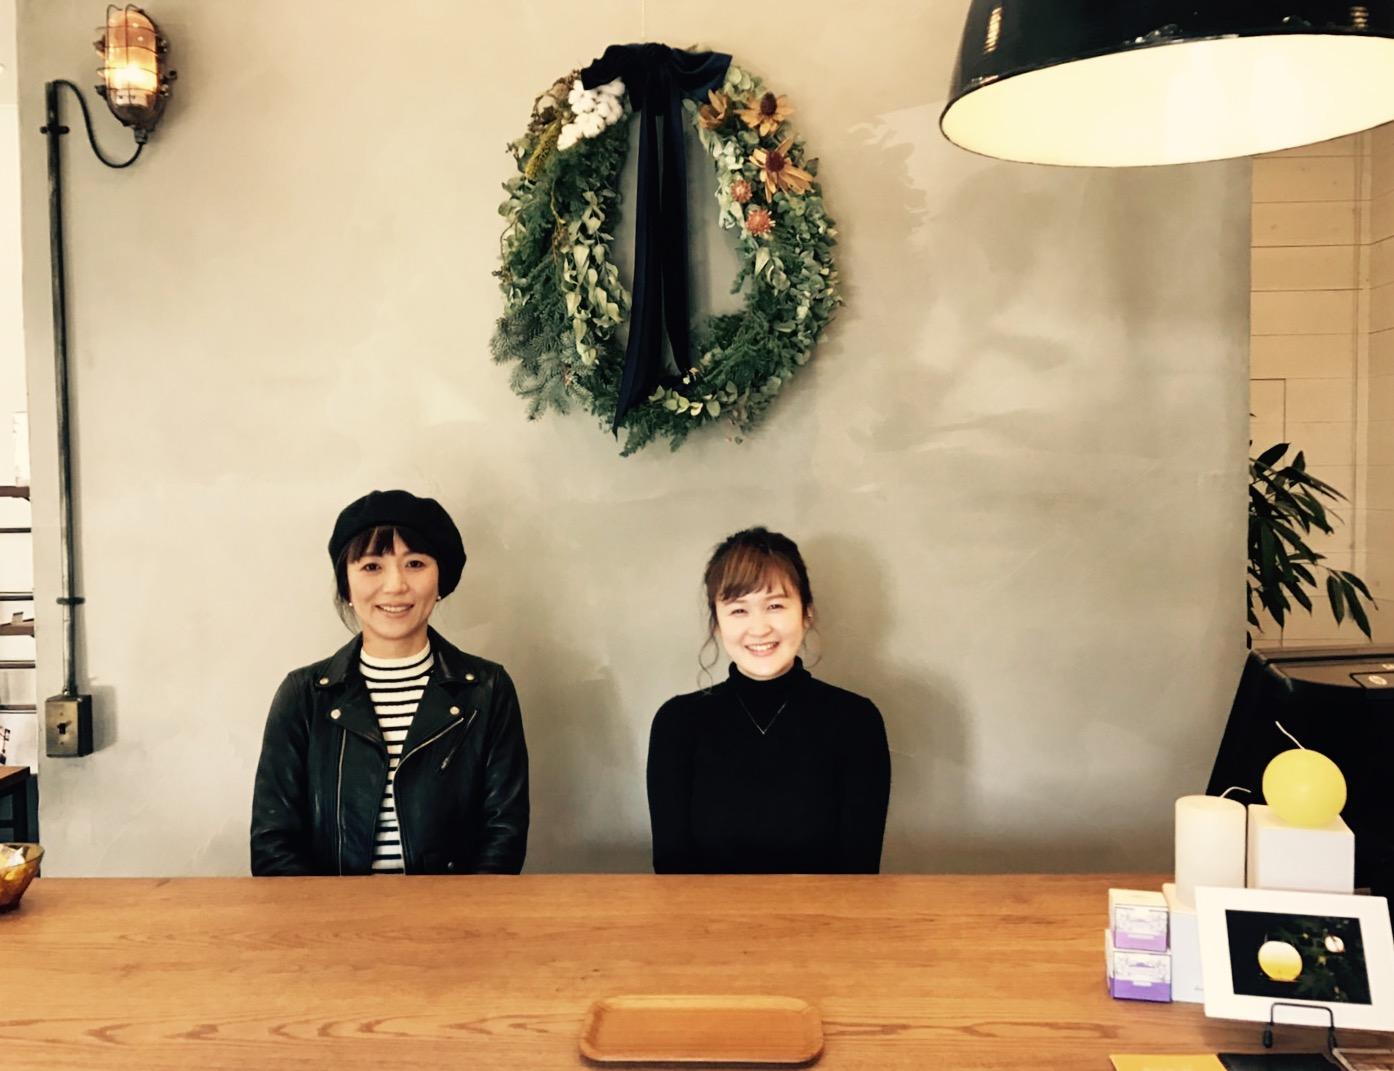 http://www.babylone-hair.jp/news/entry_images/FullSizeRender.jpg